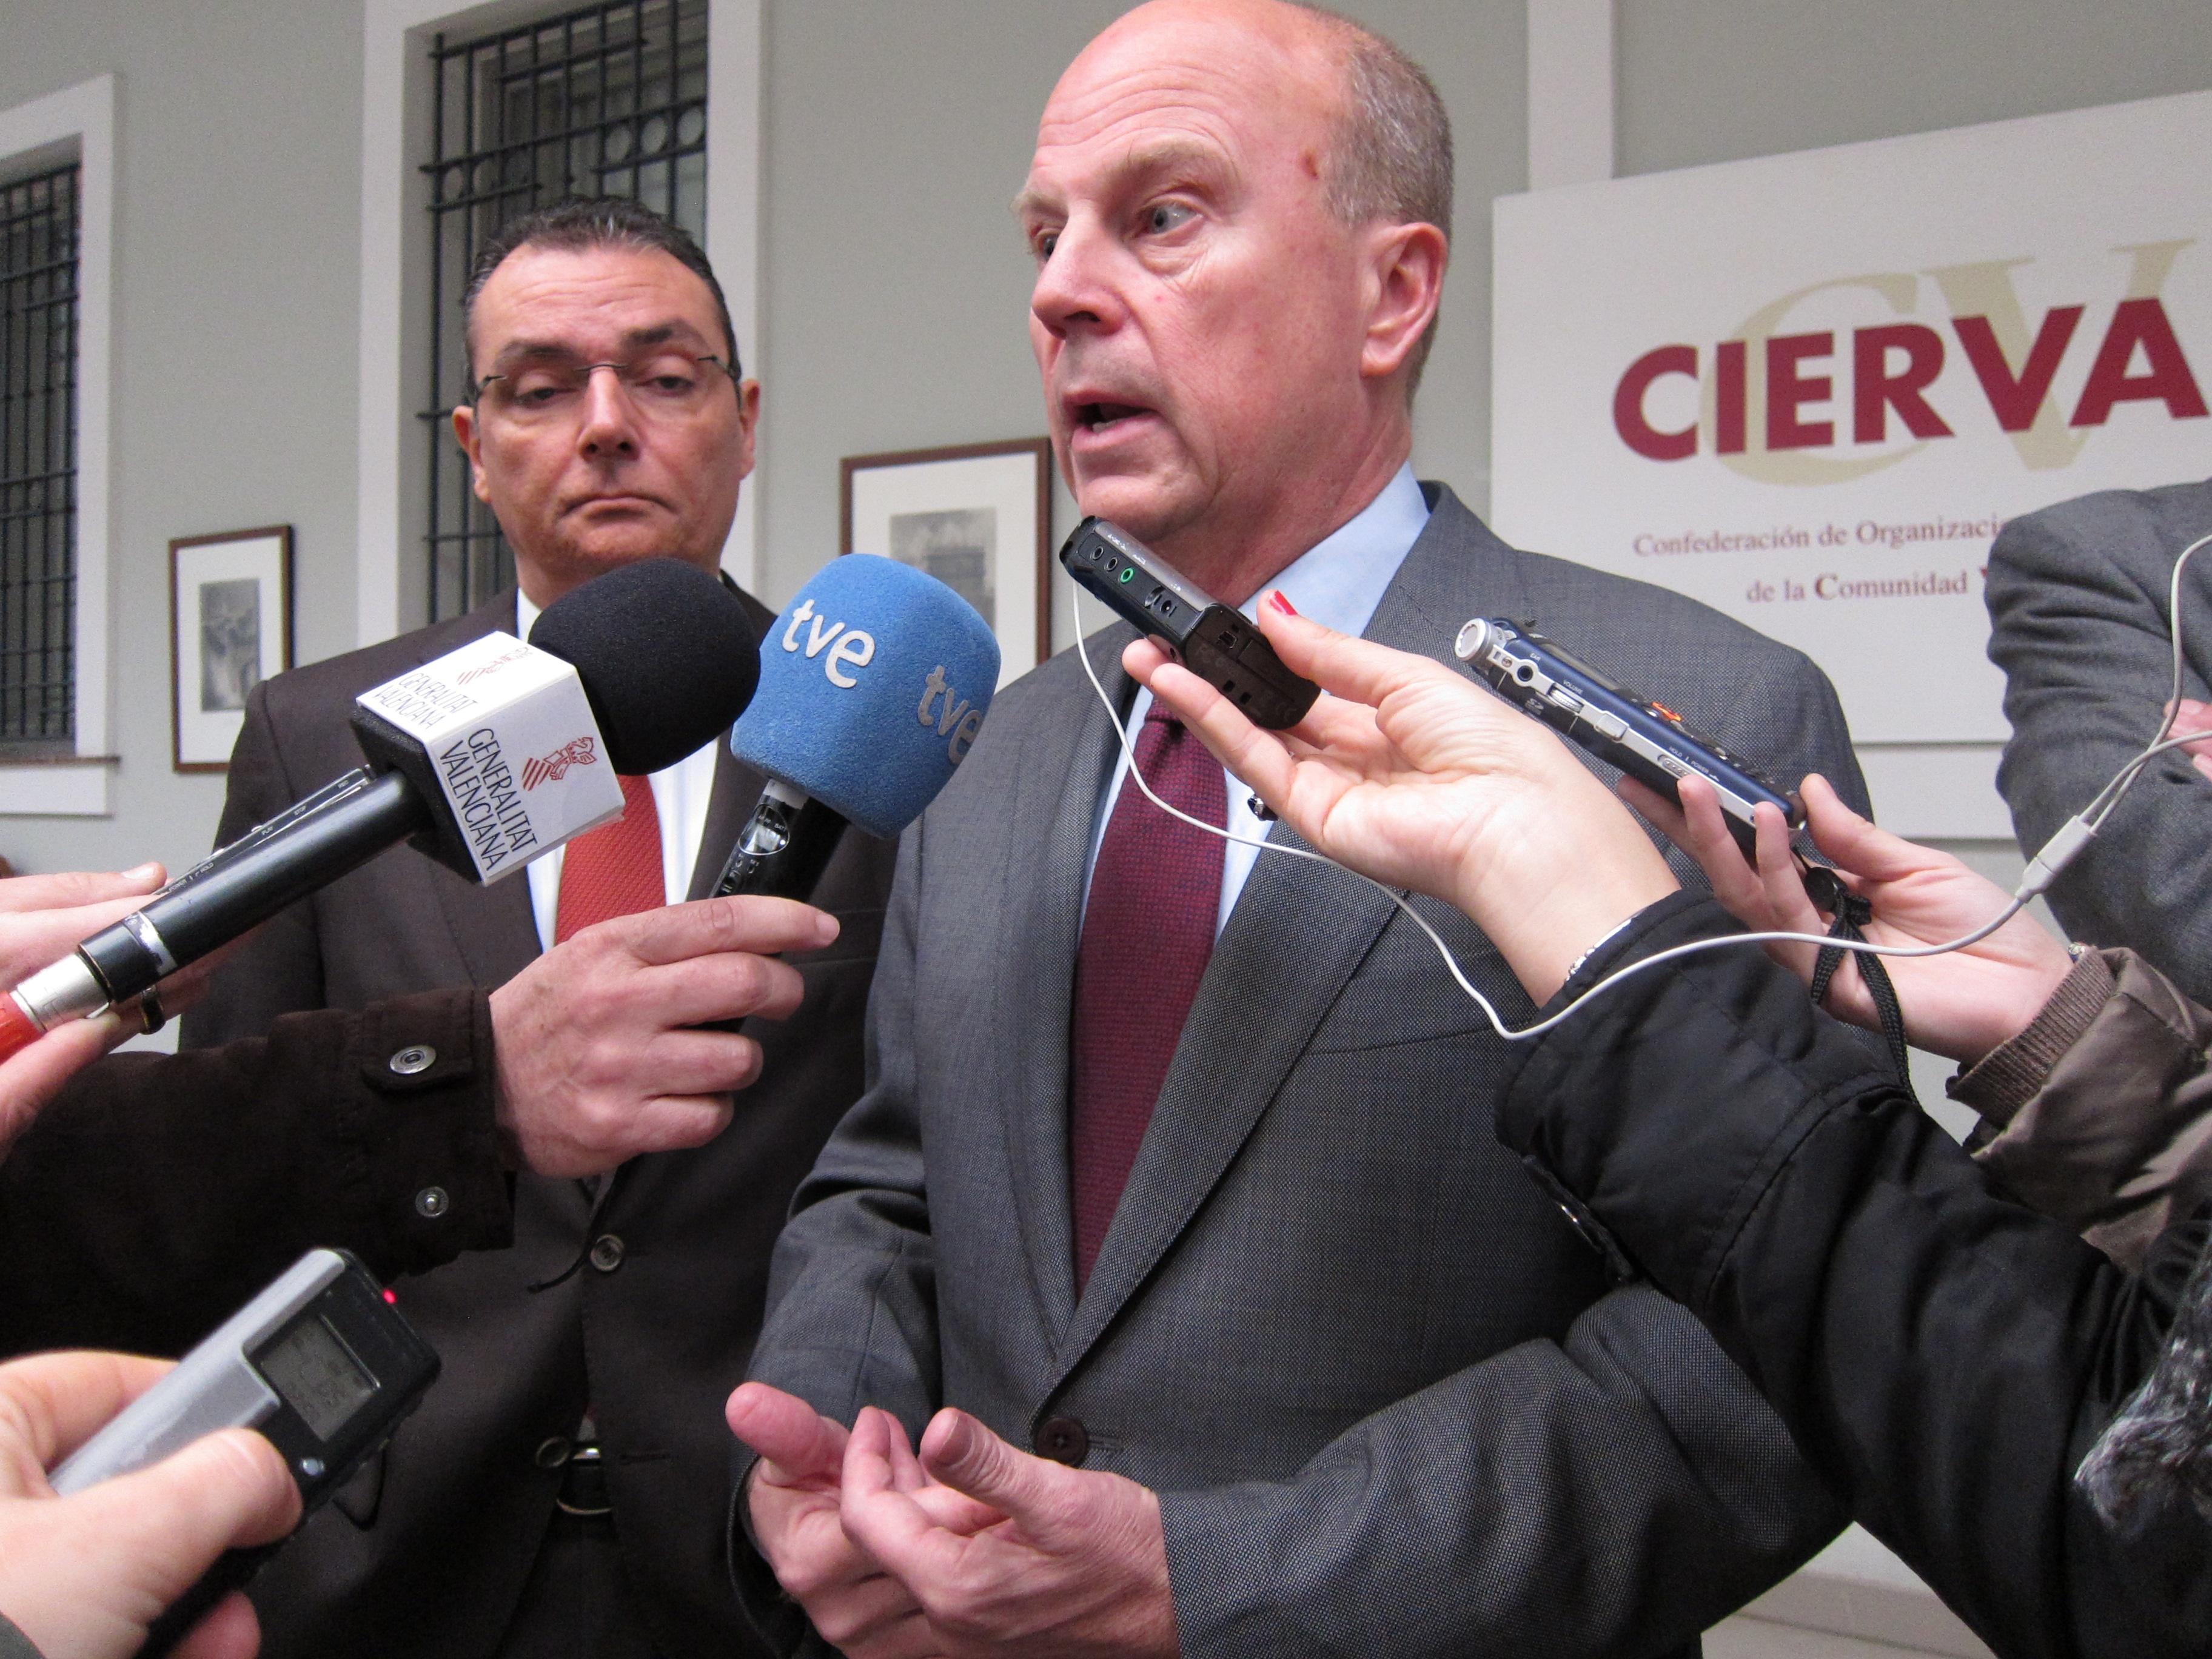 Buch y Navarro urgen a «exterminar» la competencia desleal y denunciar para «atajar el fraude fiscal, laboral y social»